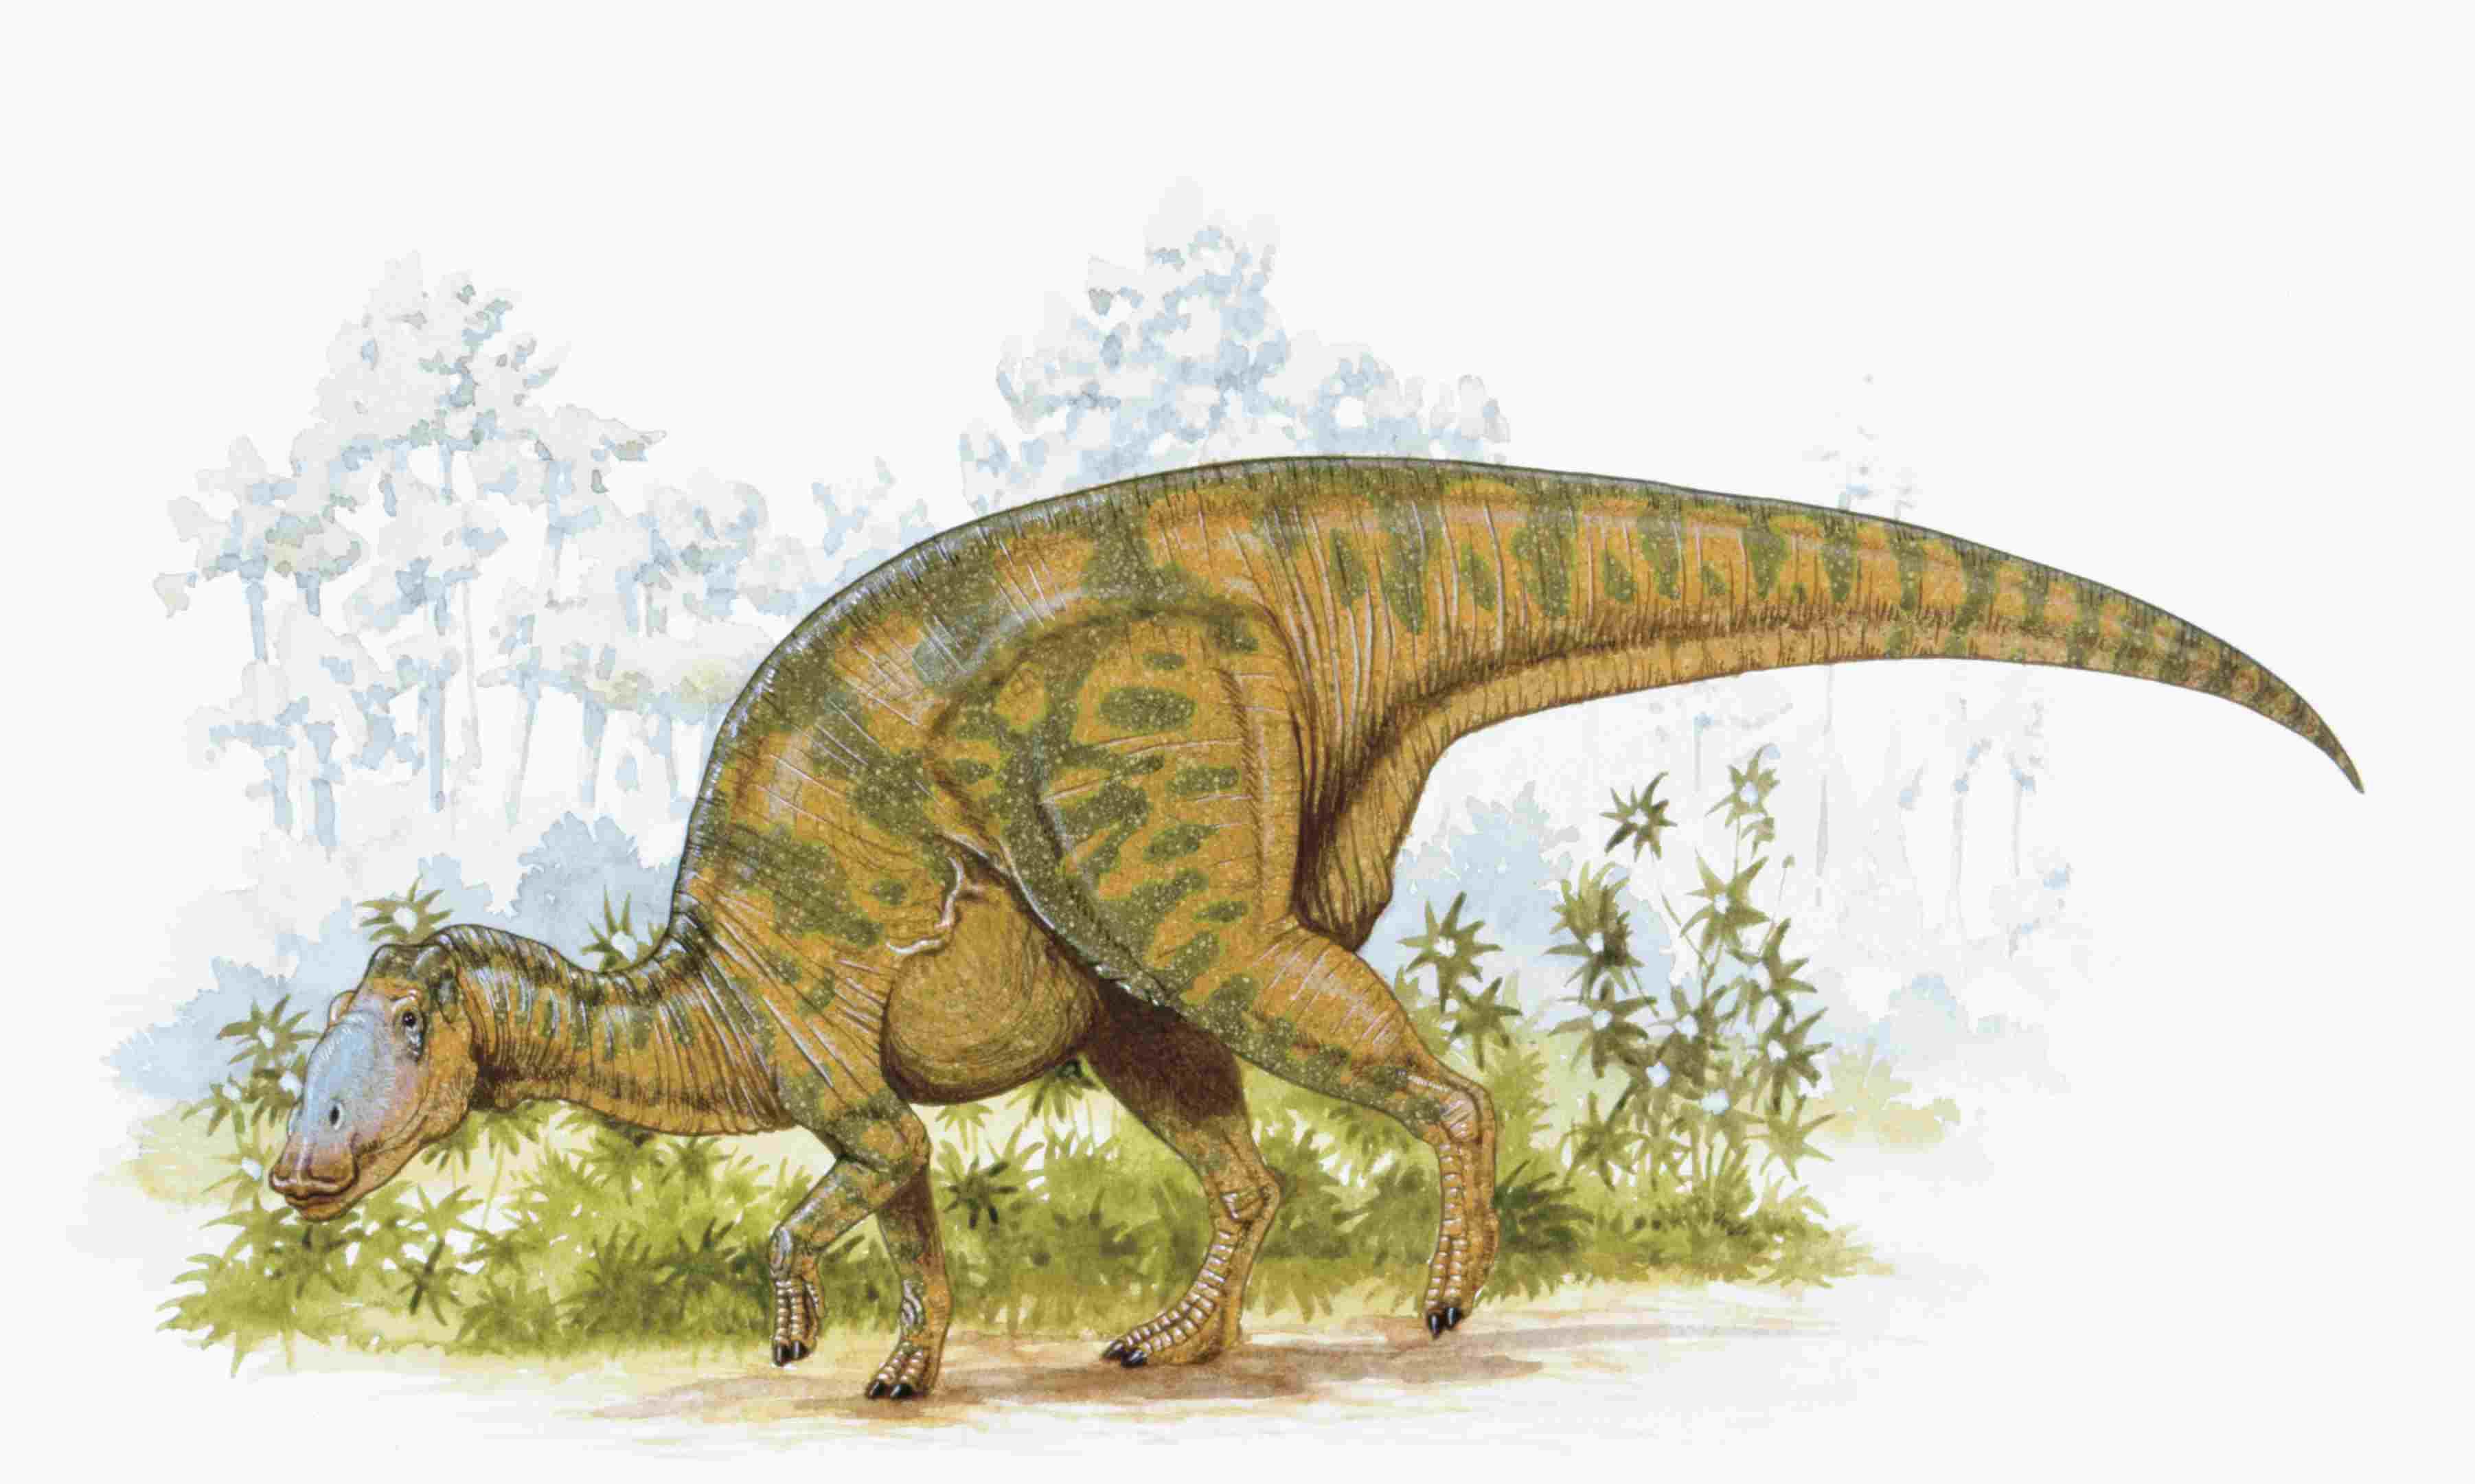 Illustration of Hadrosaurus